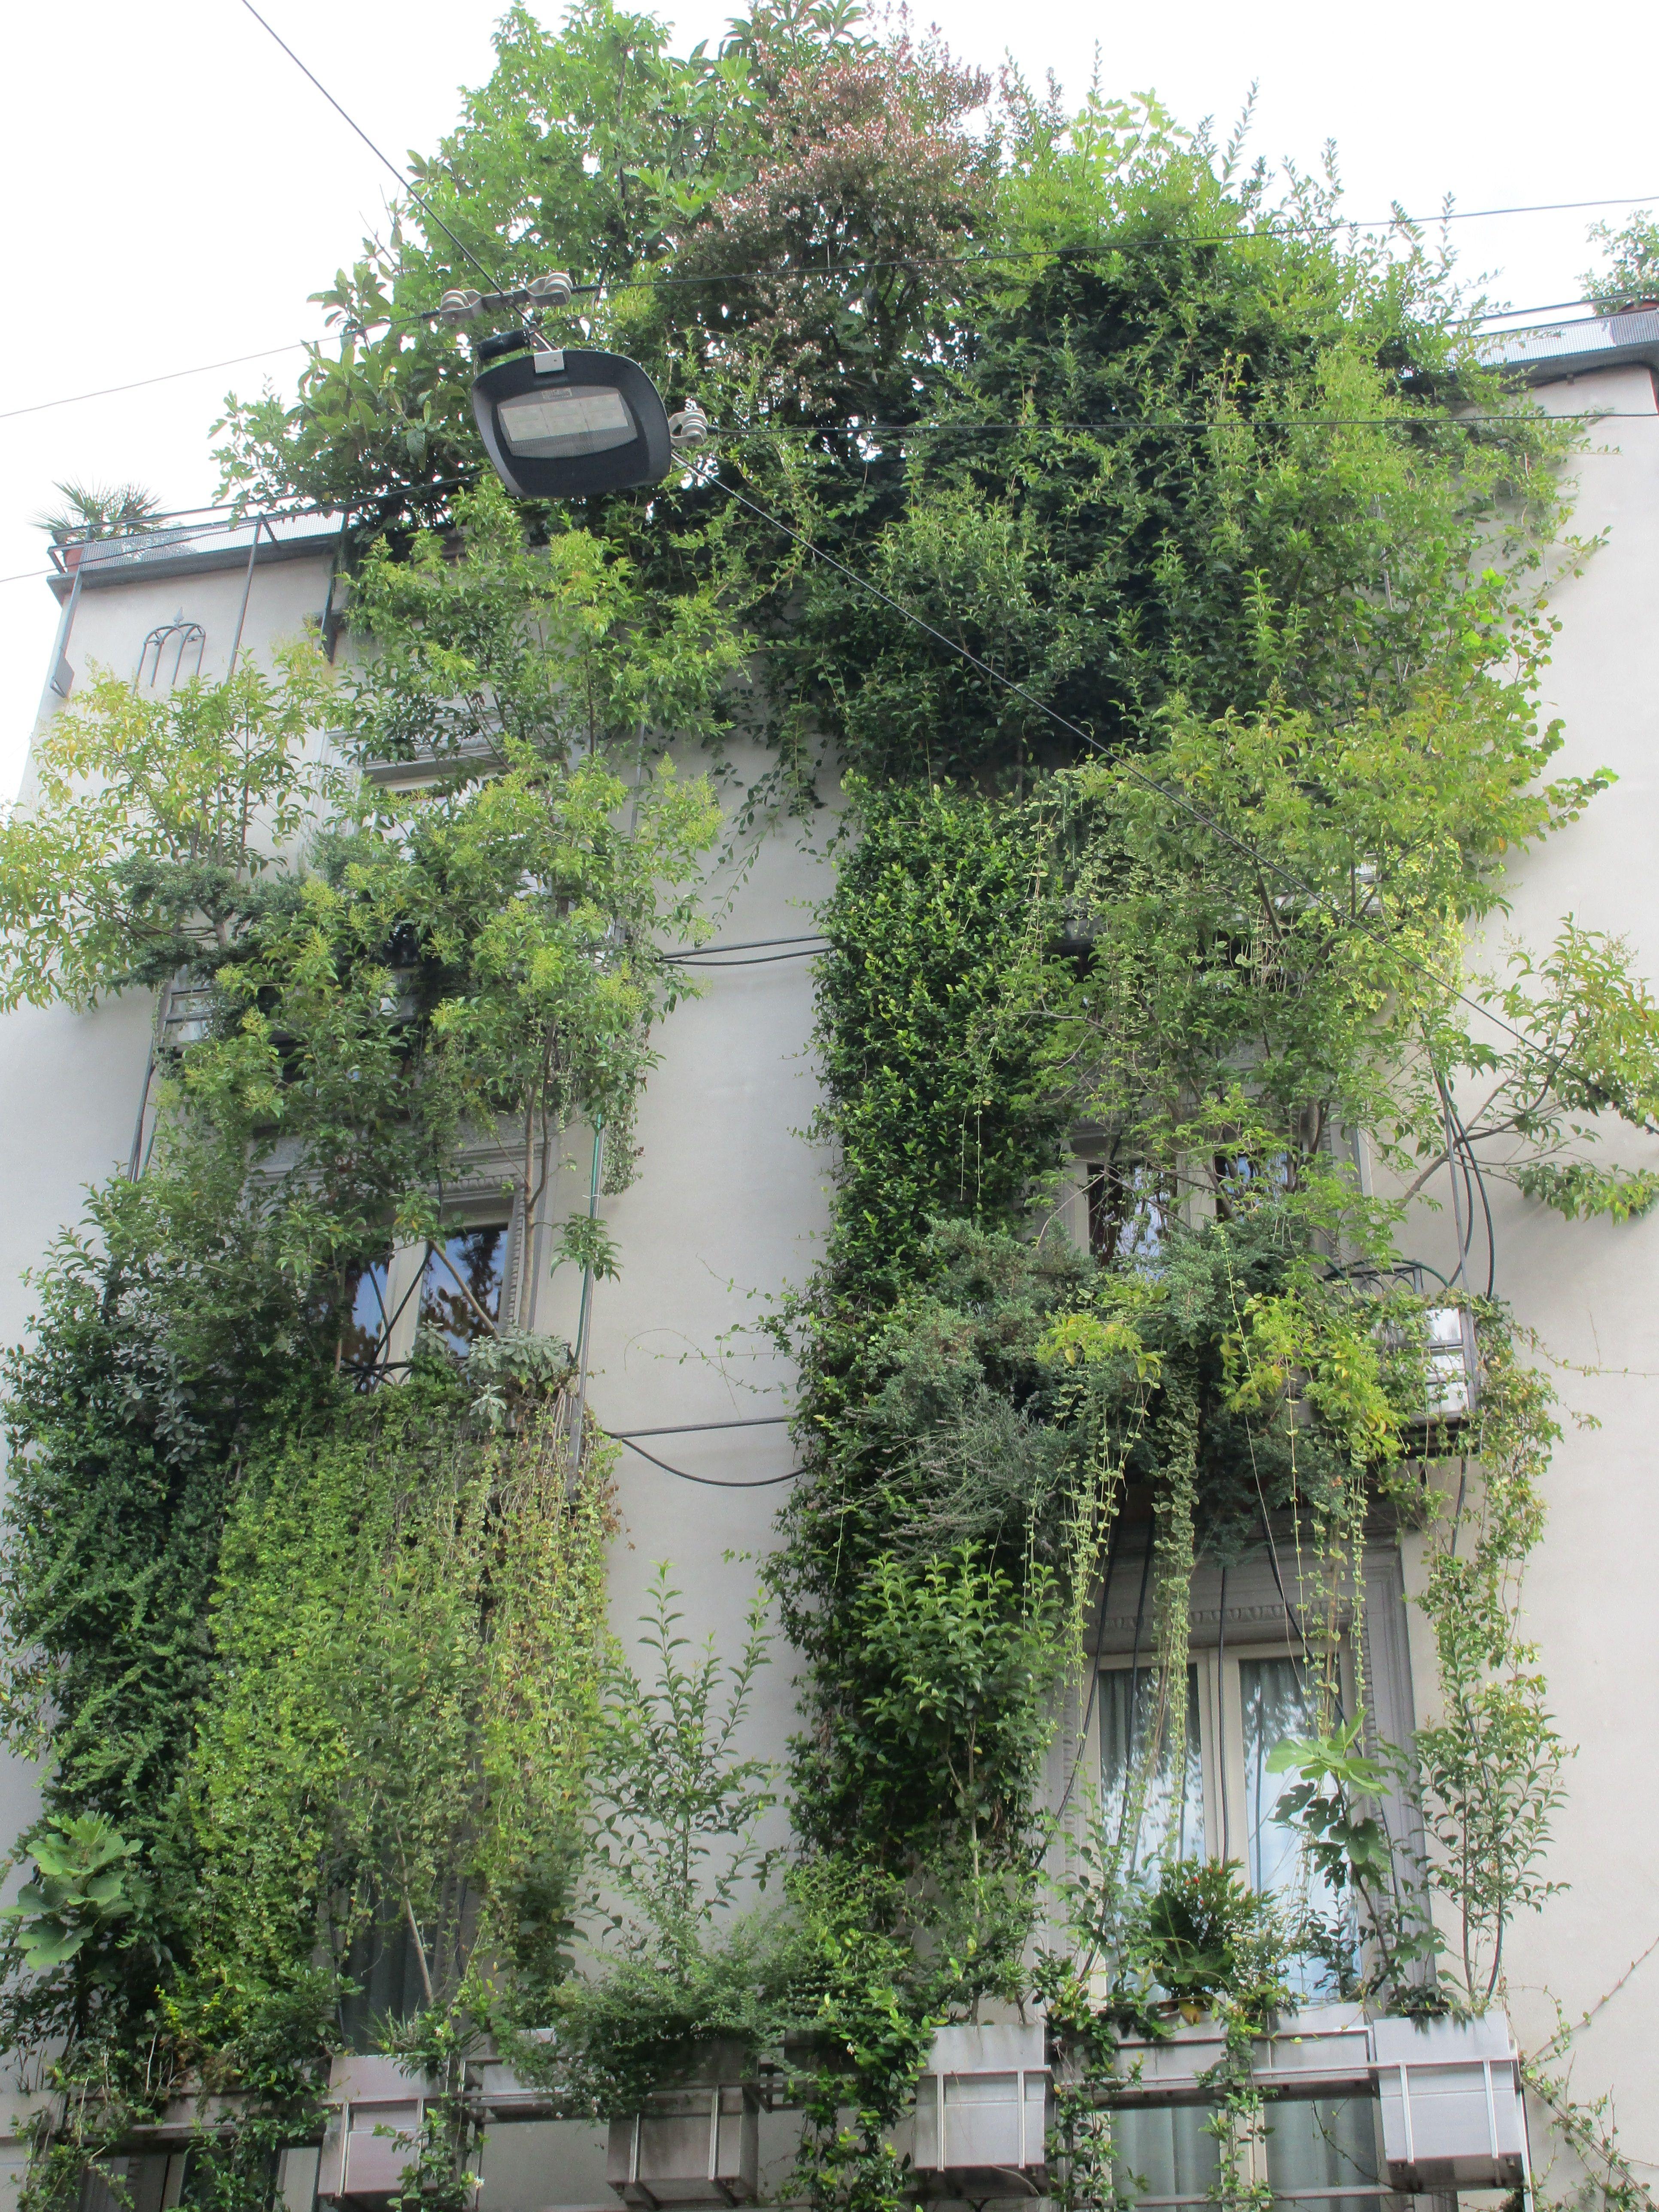 Landscaping facade